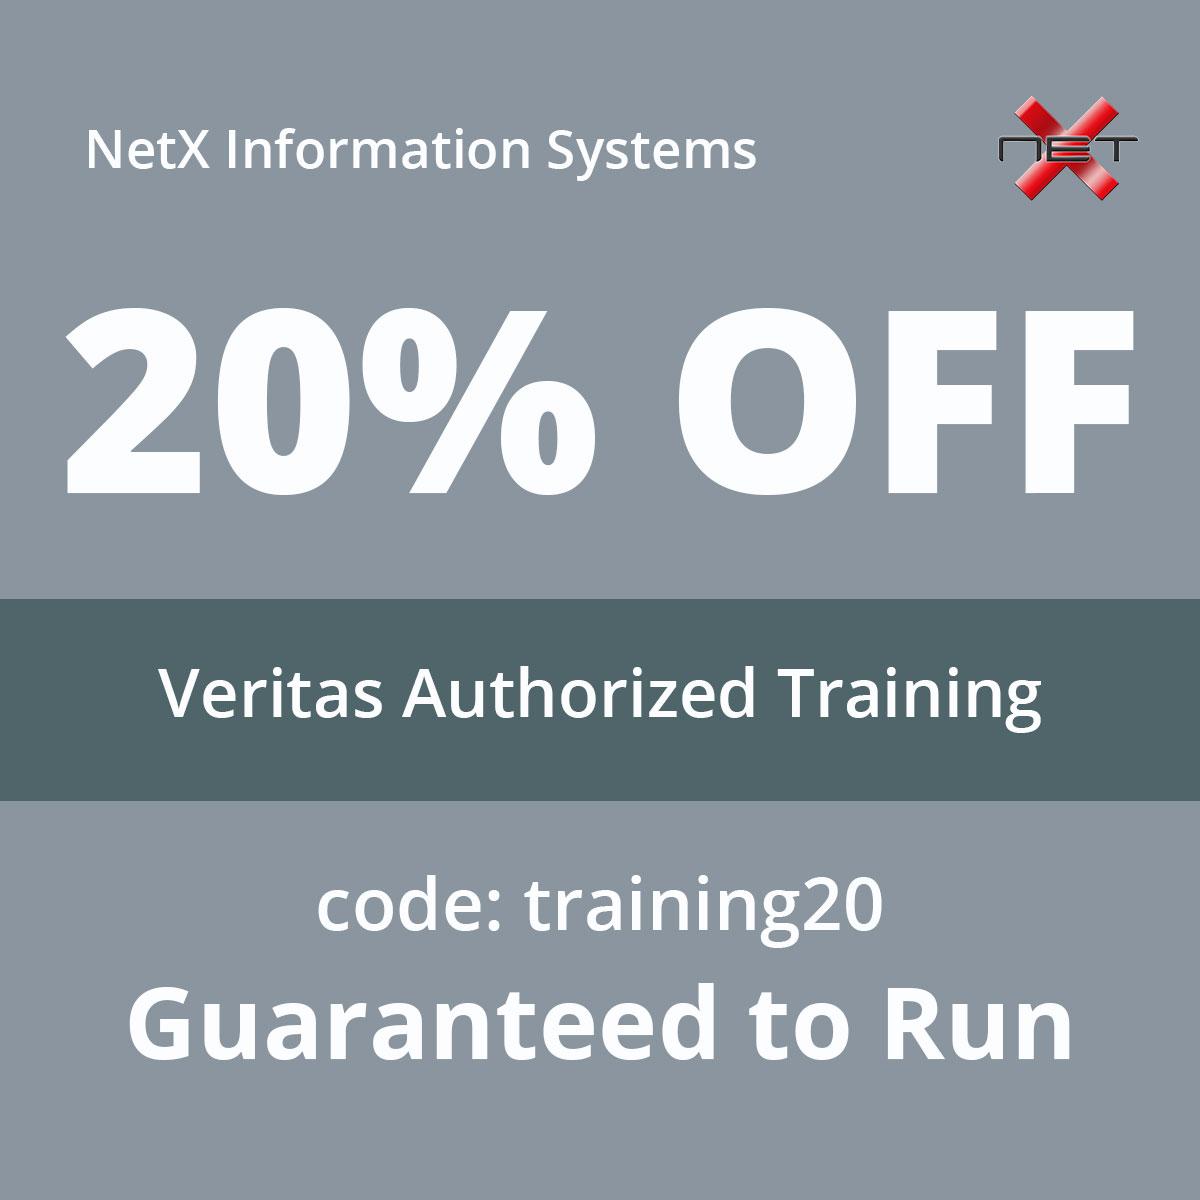 Save 20% on Veritas Authorized Training